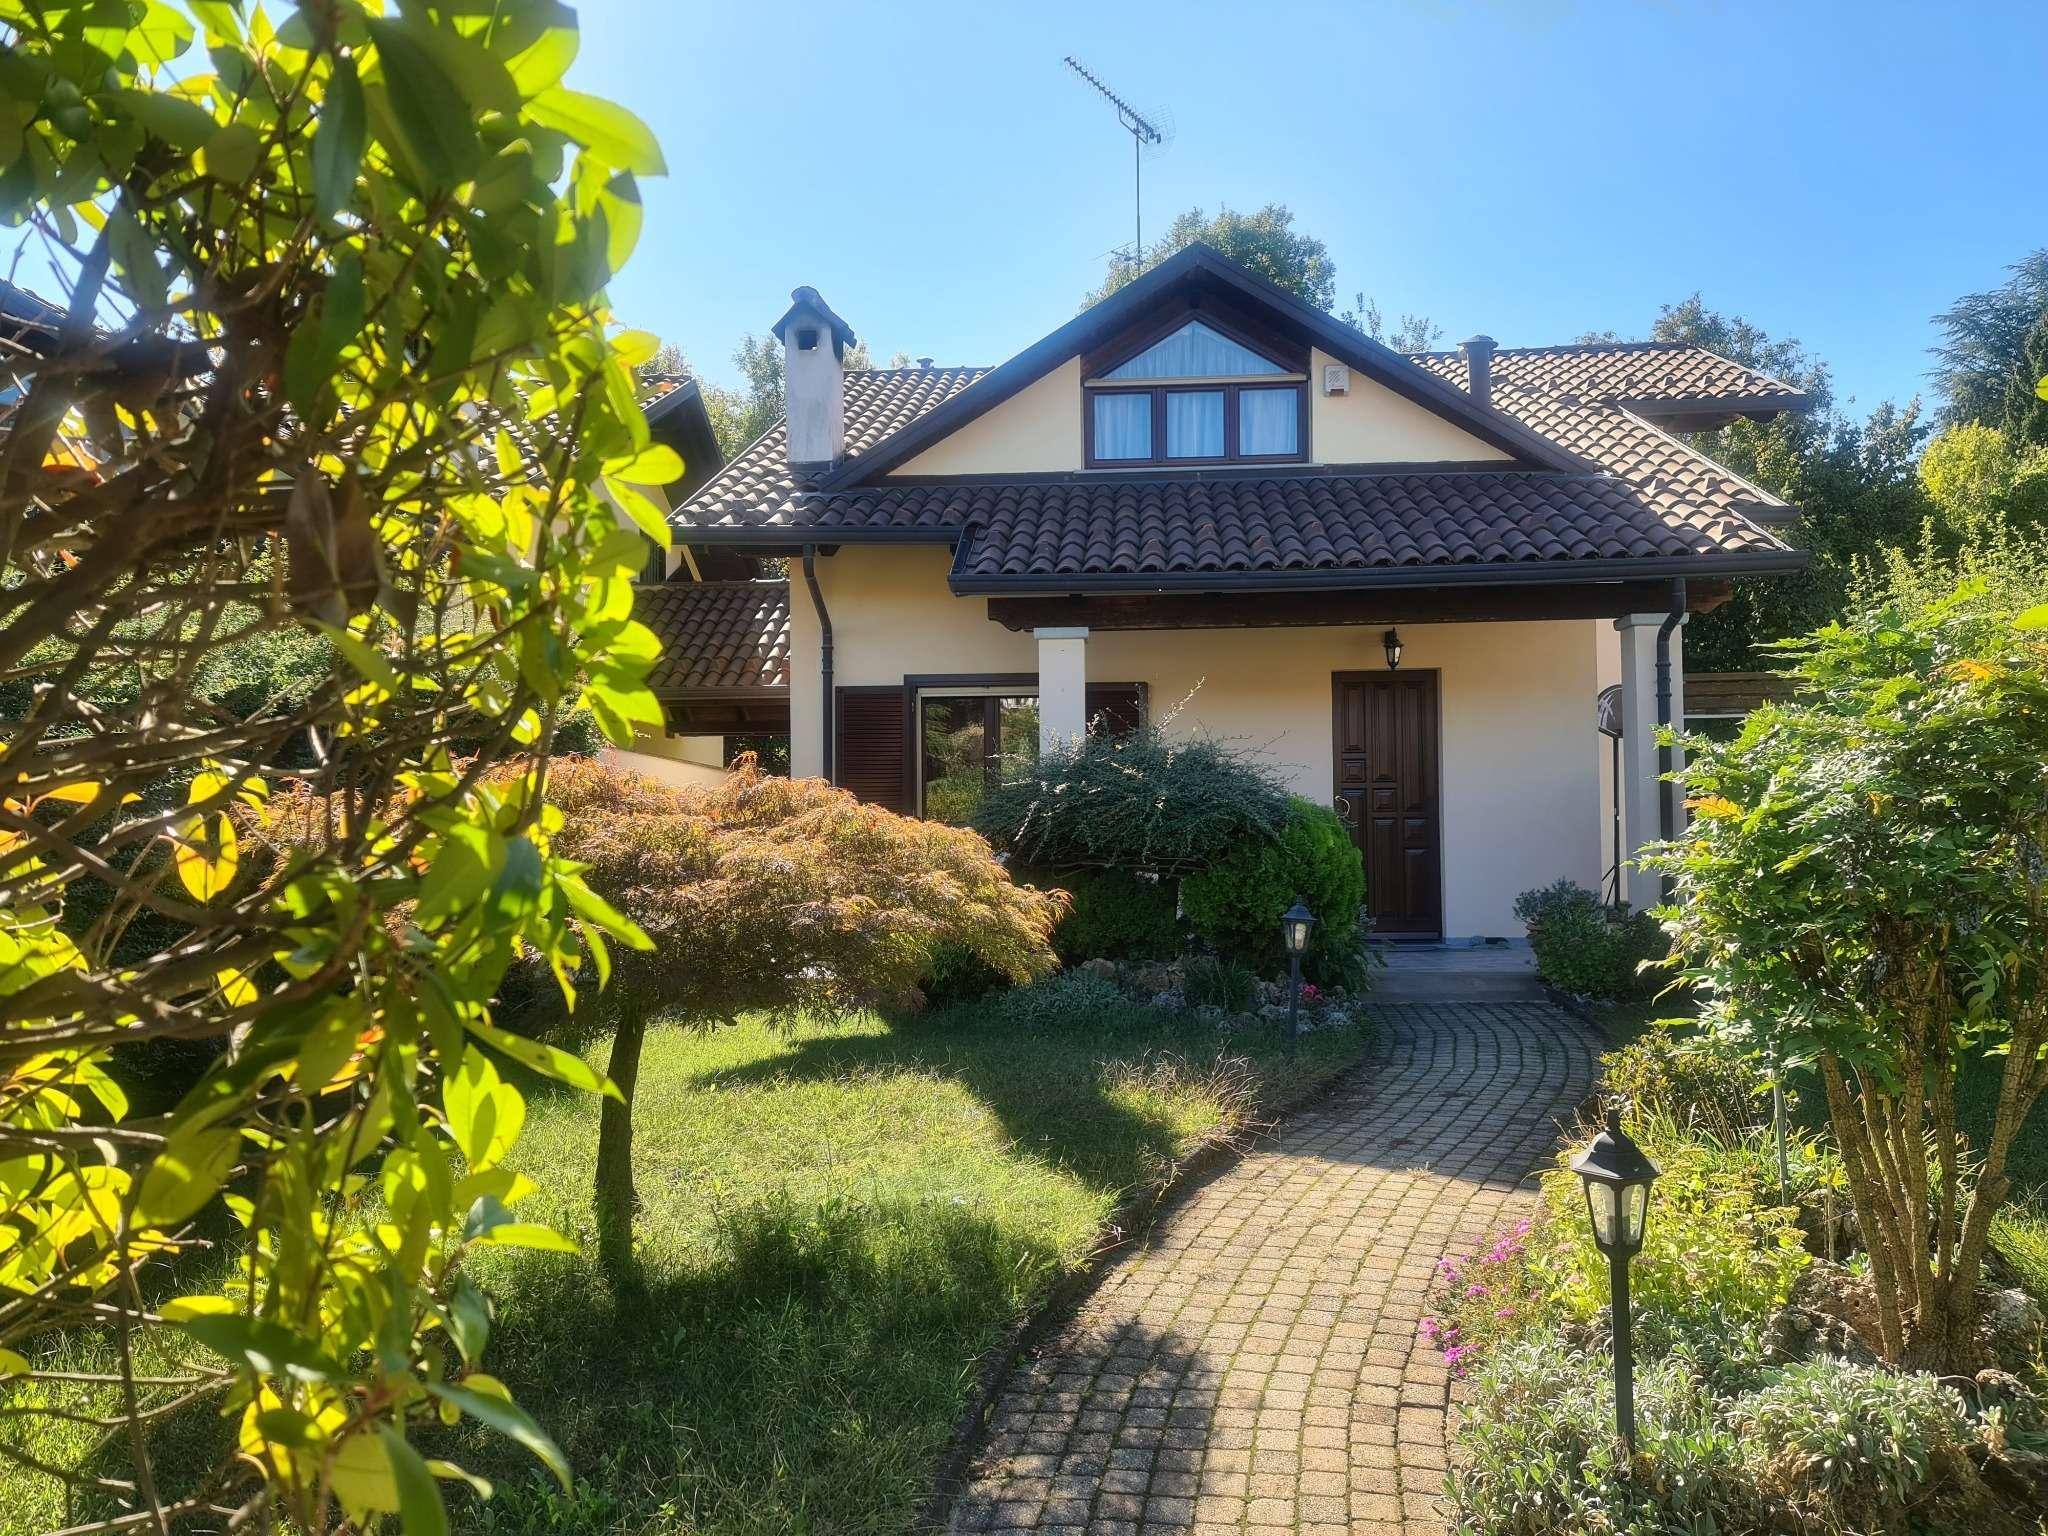 Villa in vendita a Reano, 8 locali, prezzo € 395.000 | PortaleAgenzieImmobiliari.it